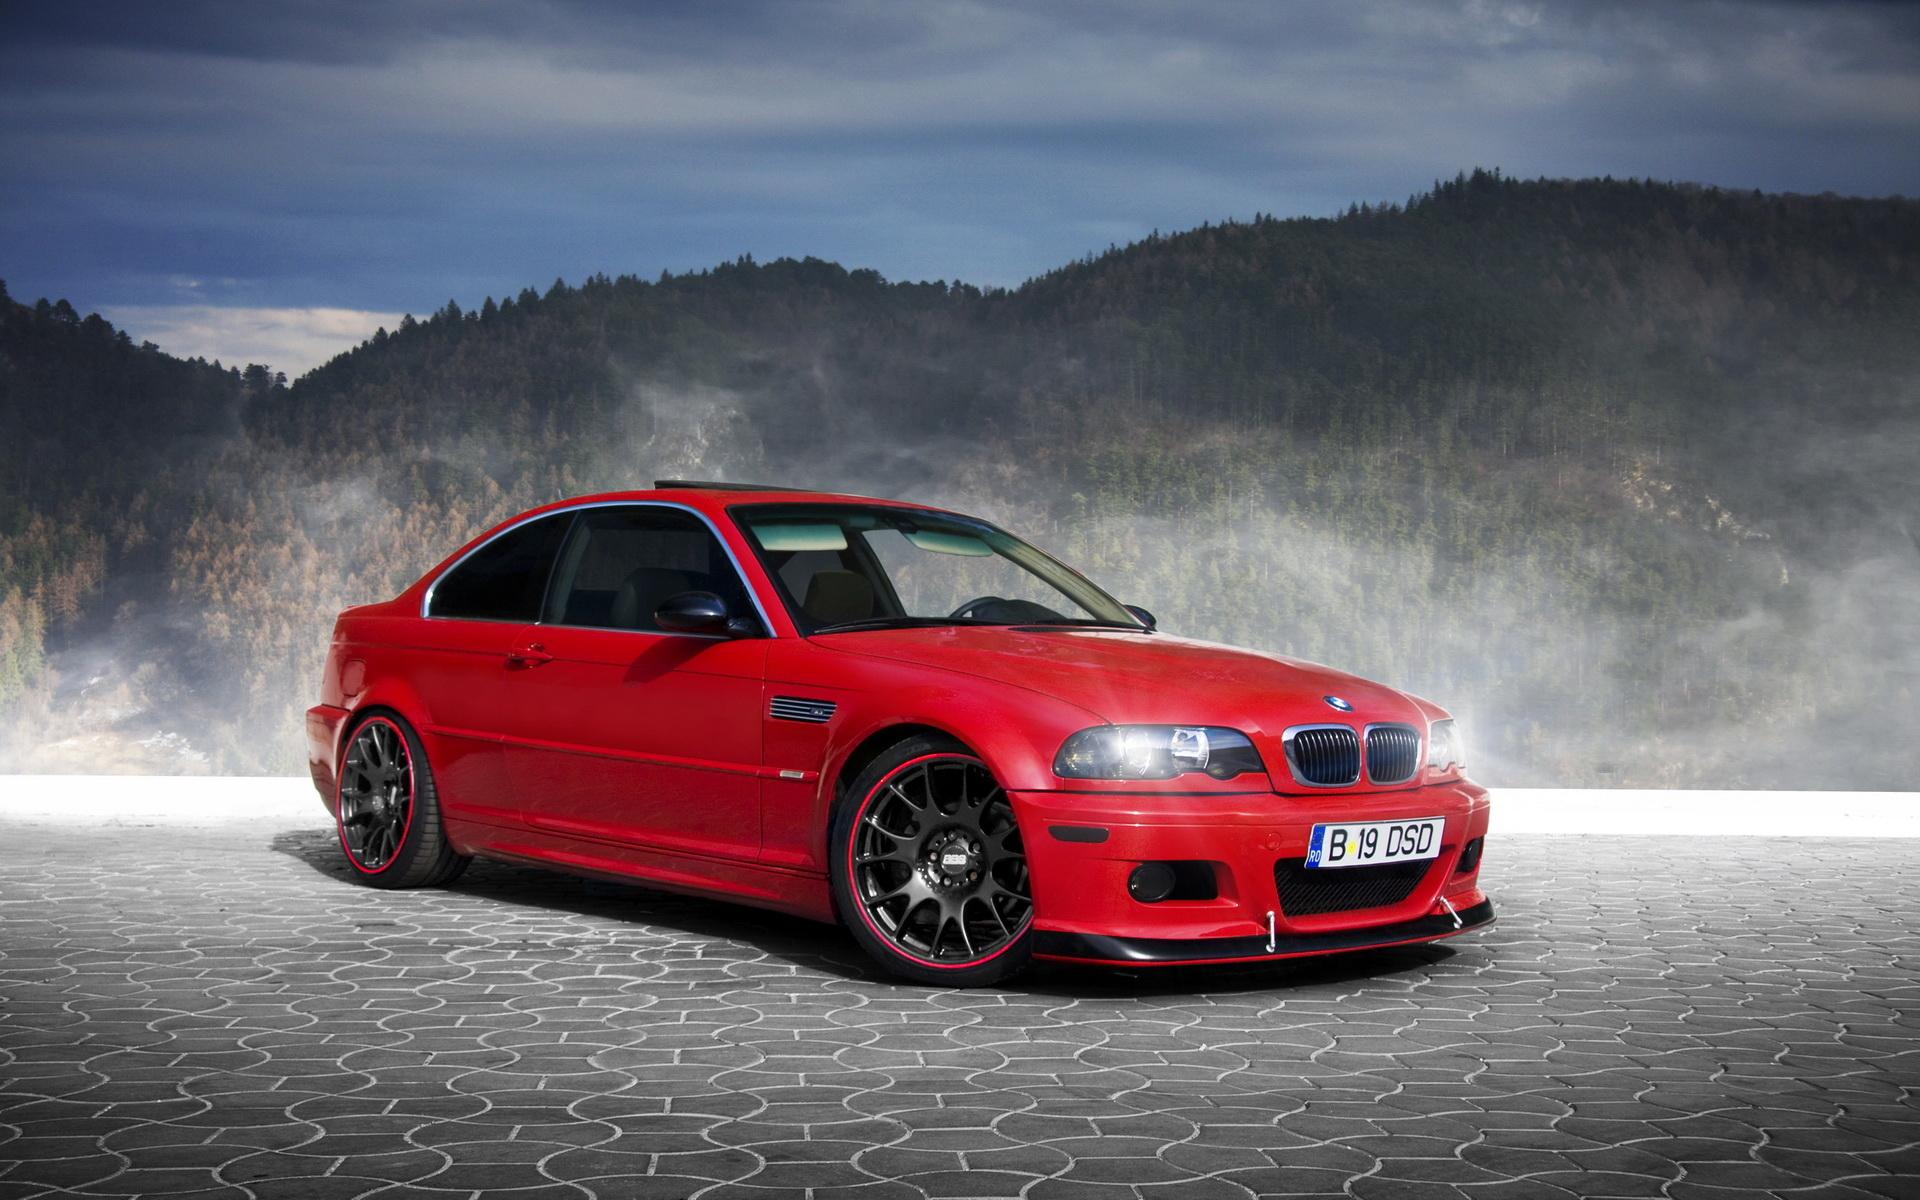 Auto BMW M3 BMW M3 E46 BBS 034239 jpg 1920x1200